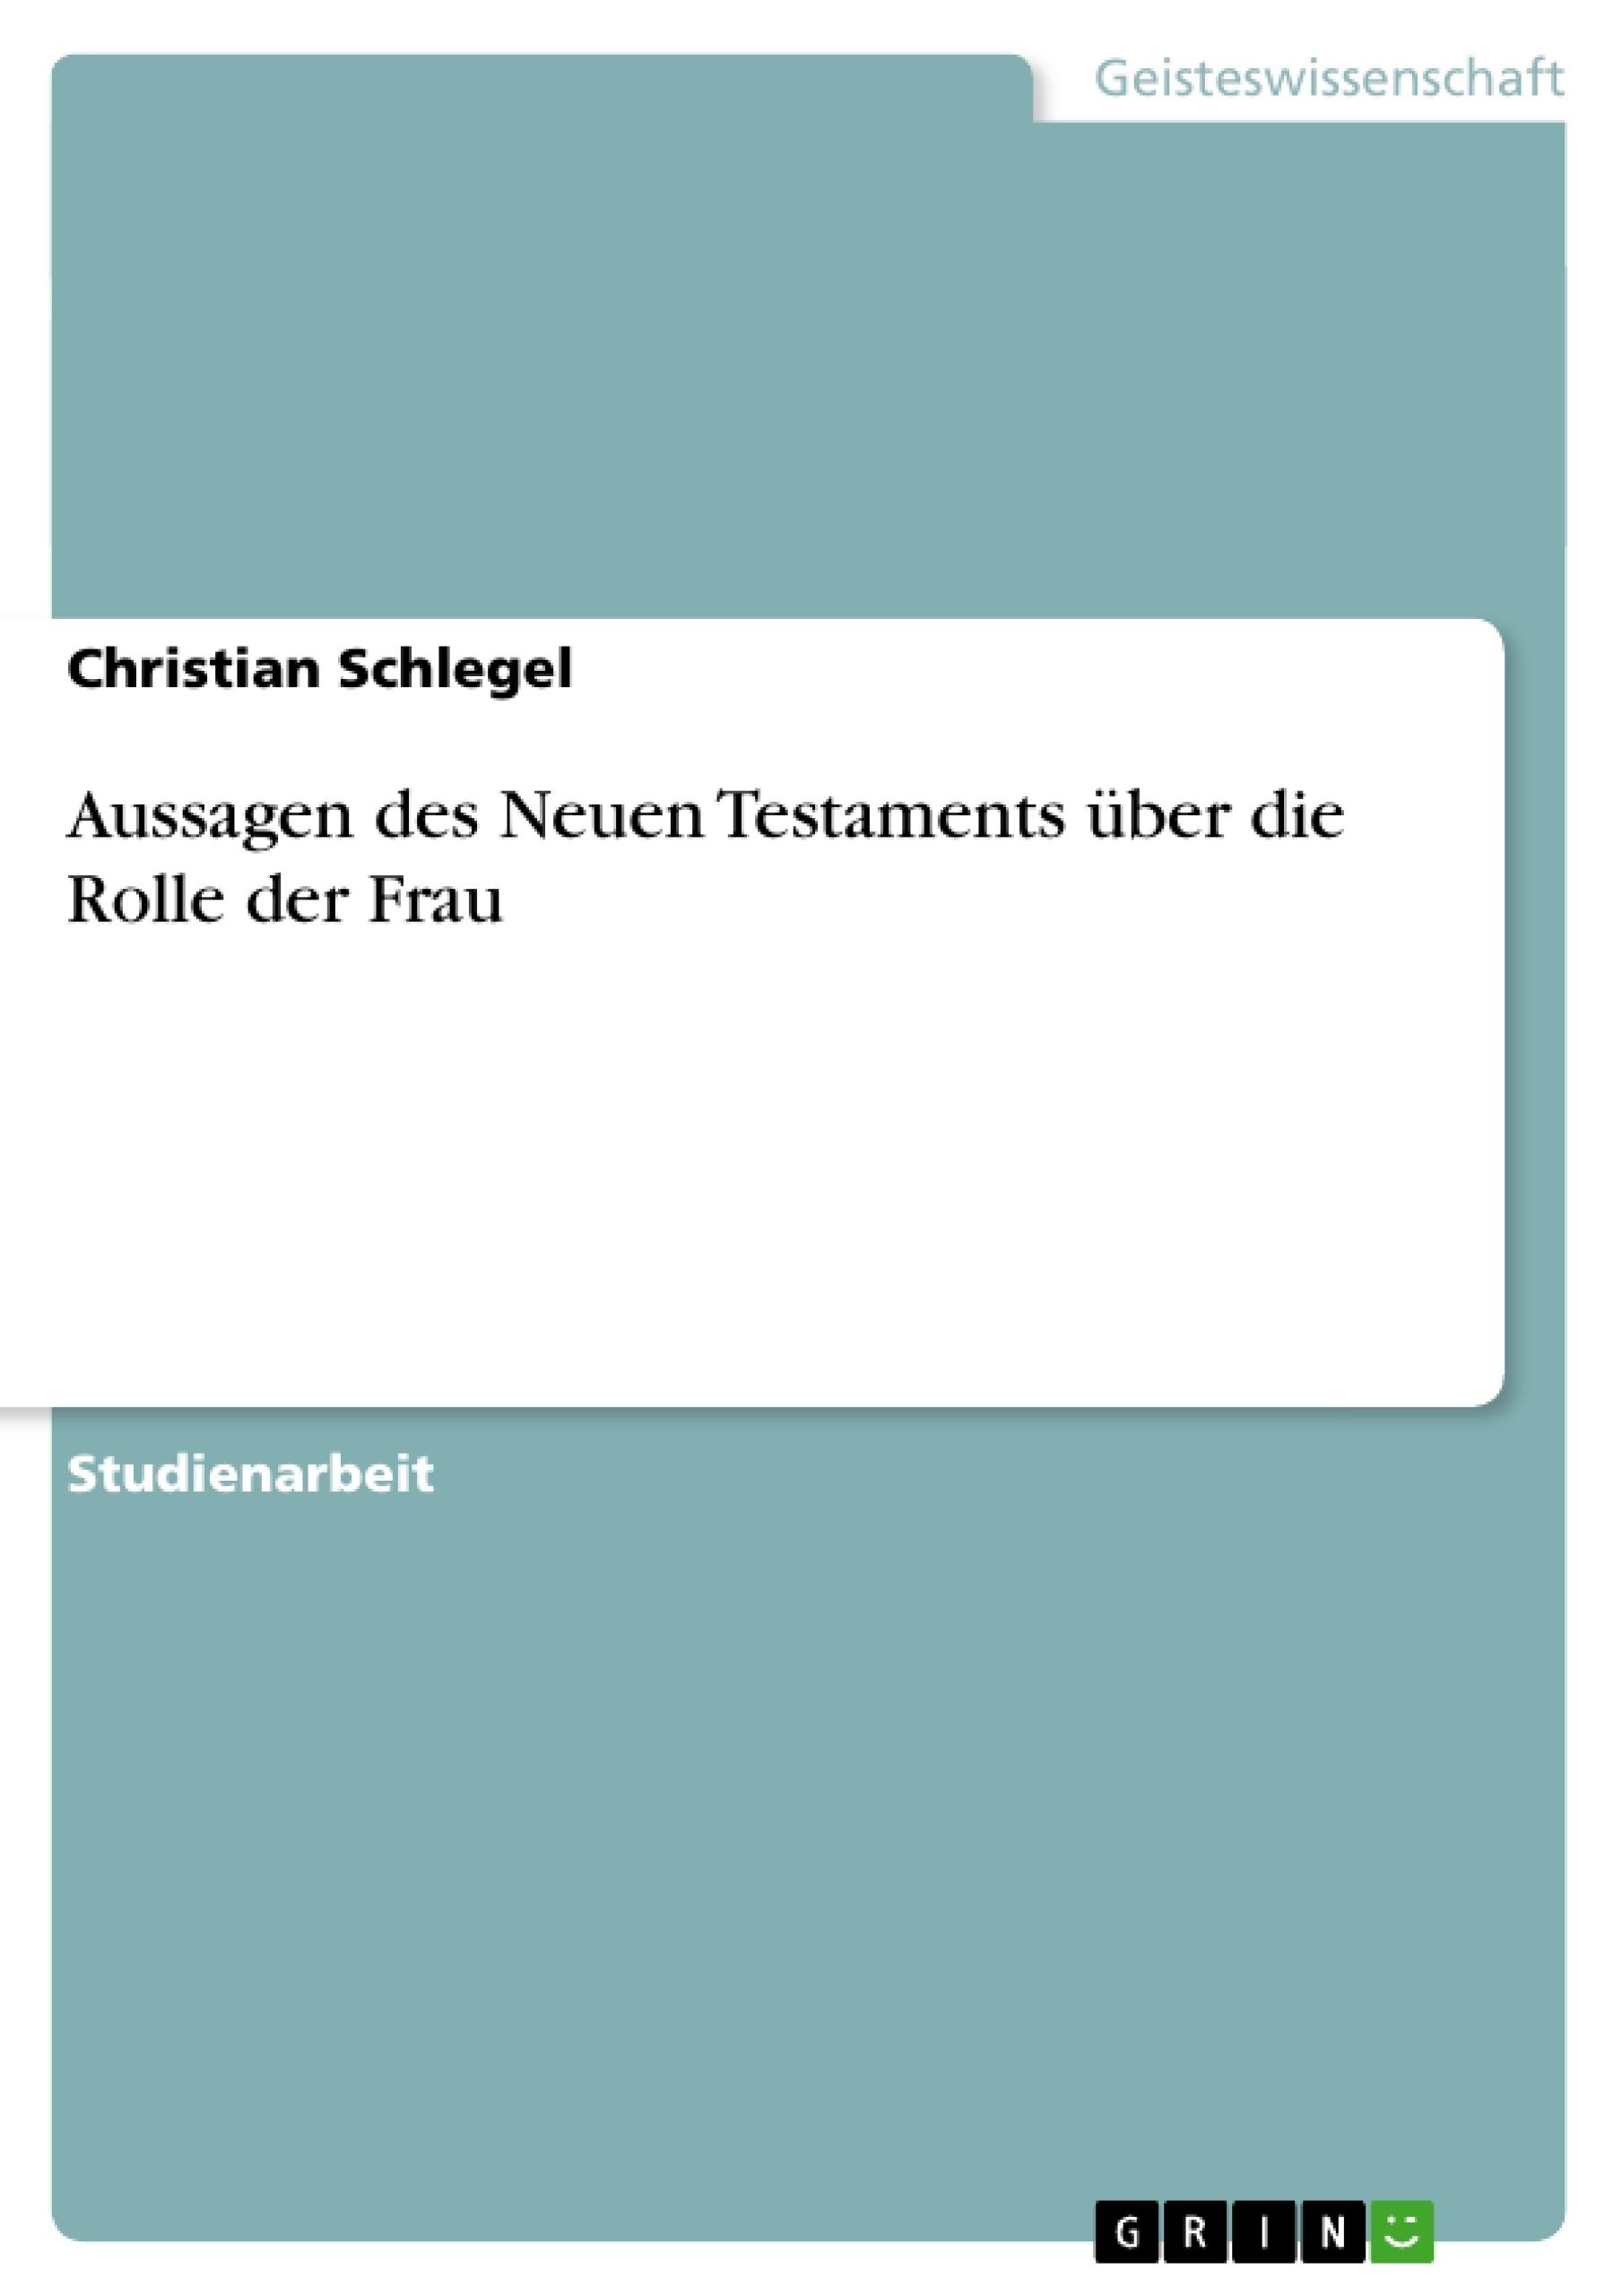 Titel: Aussagen des Neuen Testaments über die Rolle der Frau